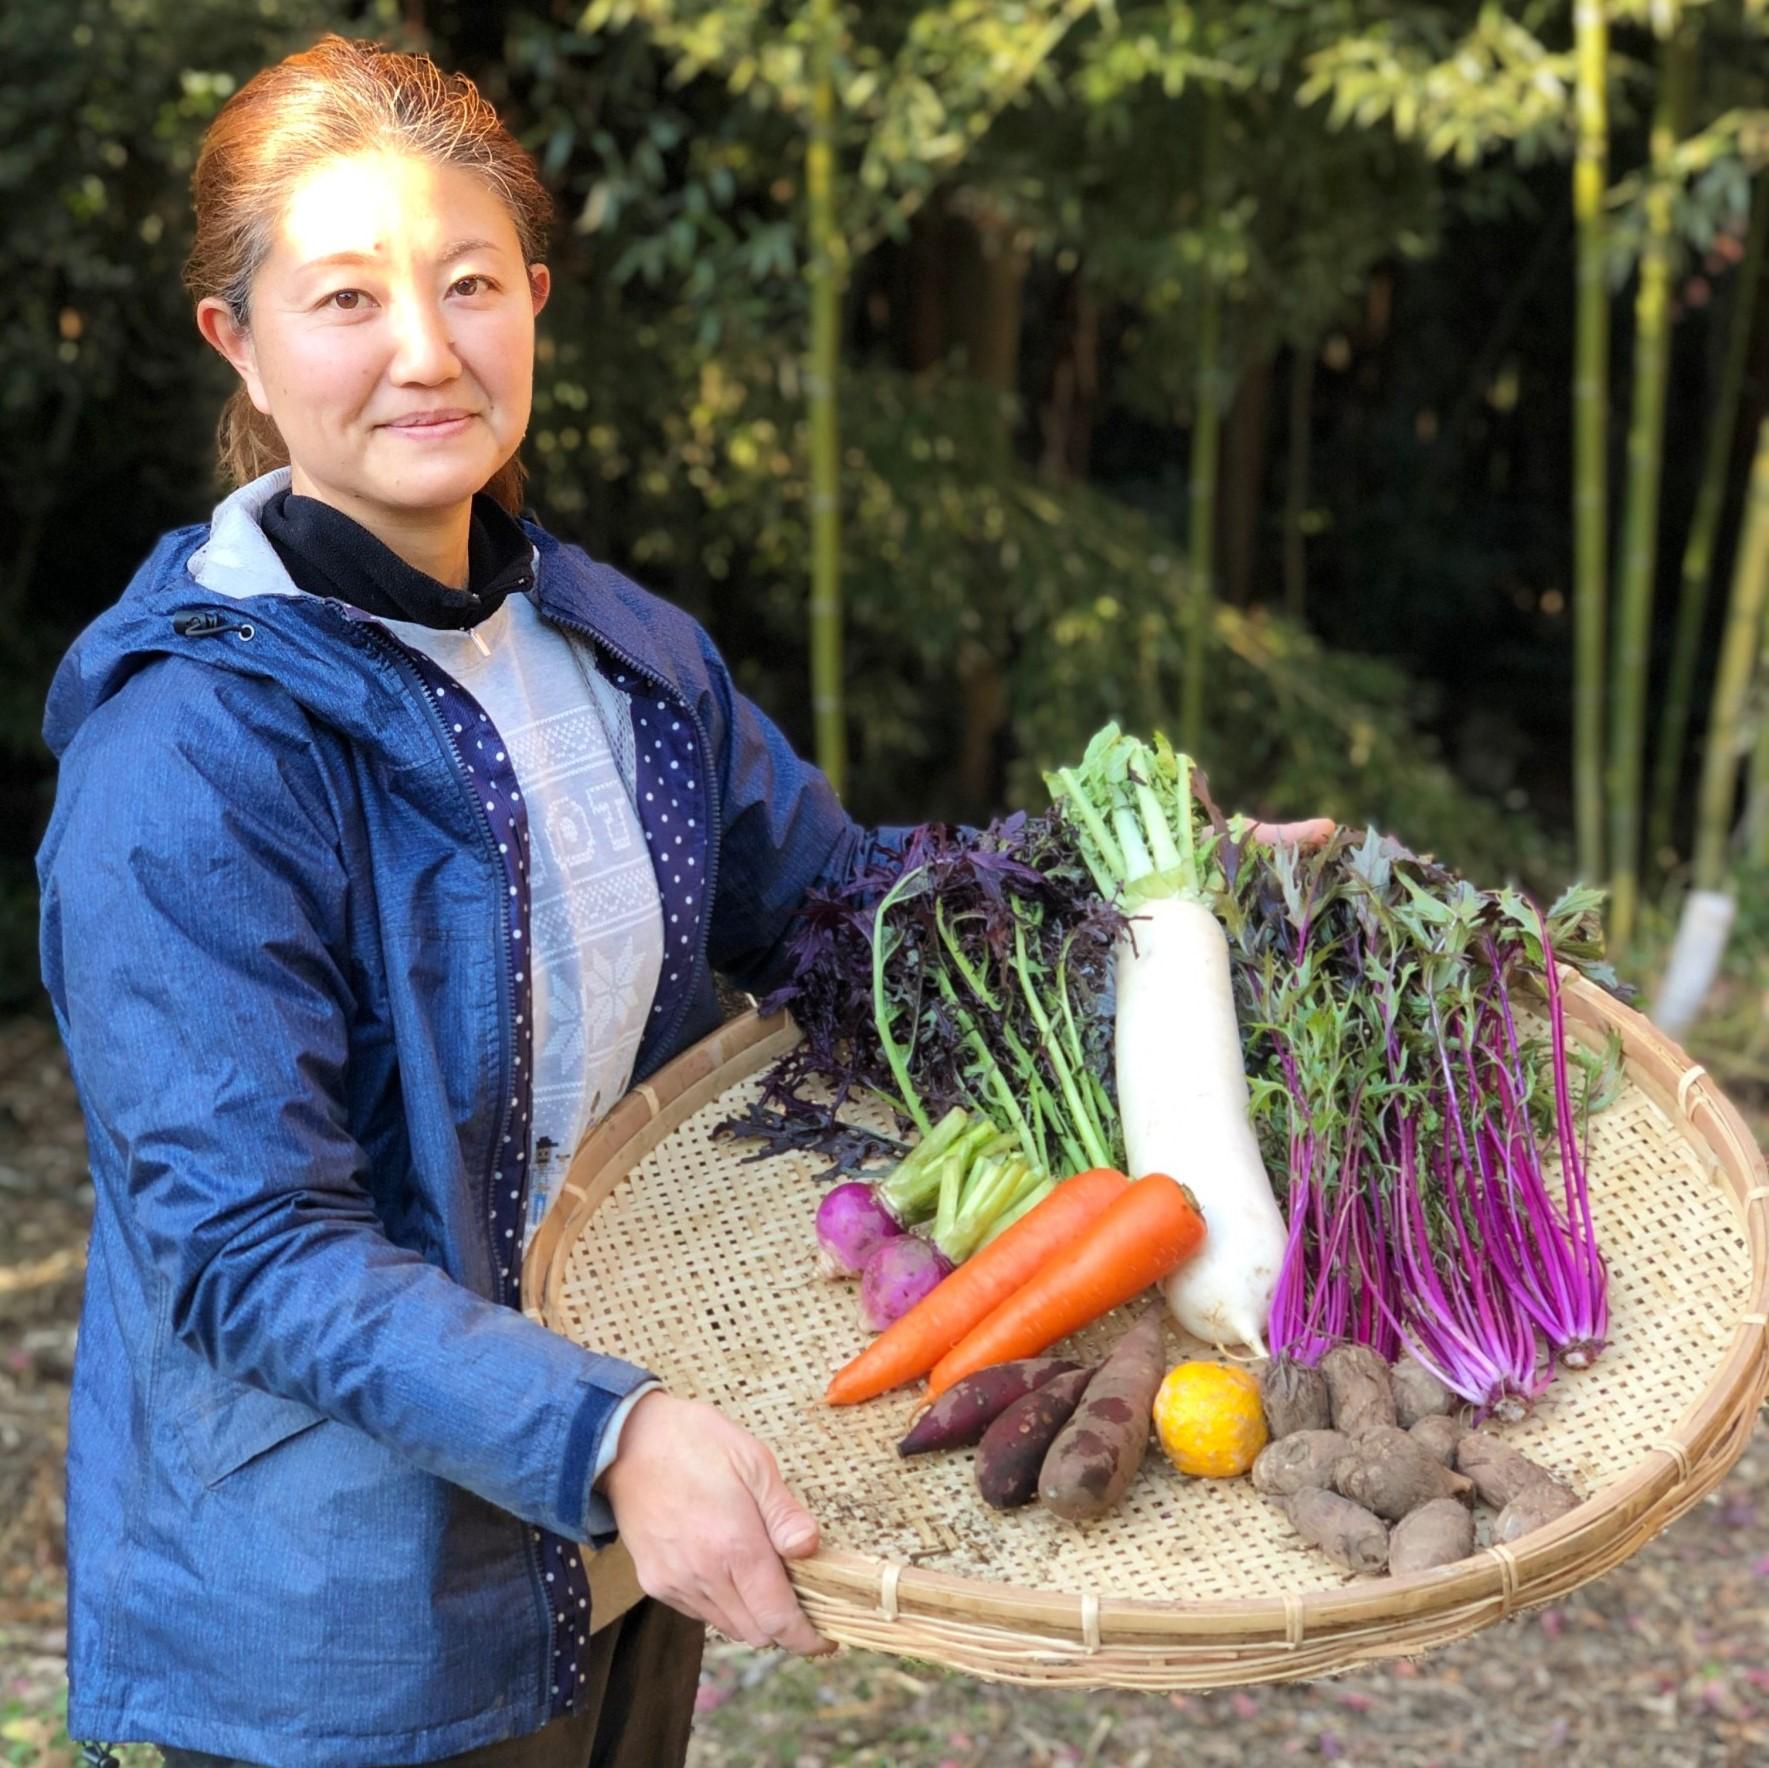 【無農薬・自然栽培】季節の産直野菜いろどりセット Sサイズ 6~8種類